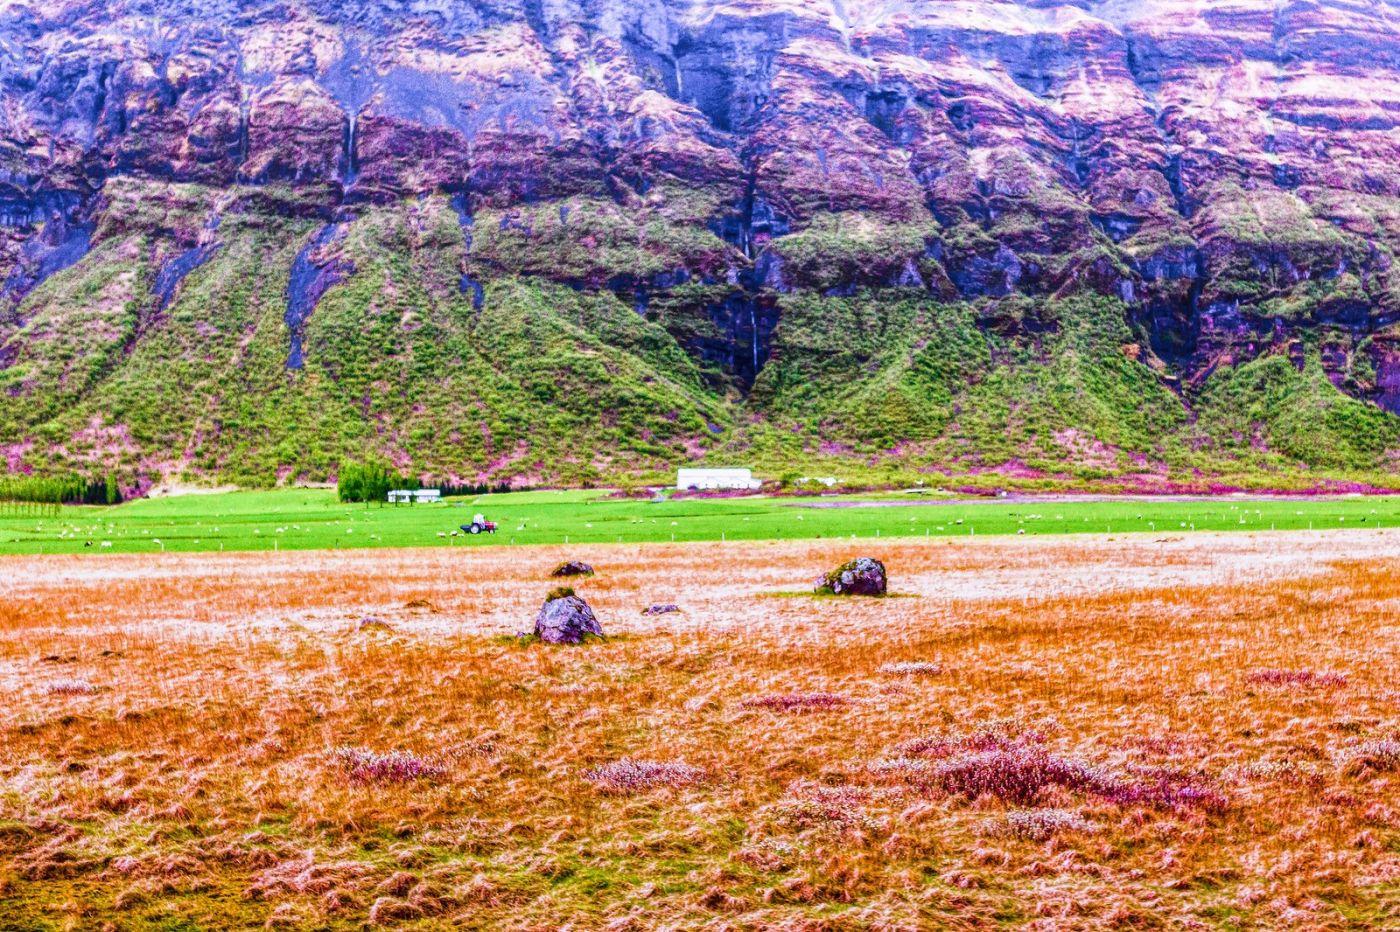 冰岛风采,大山民舍羊群_图1-20